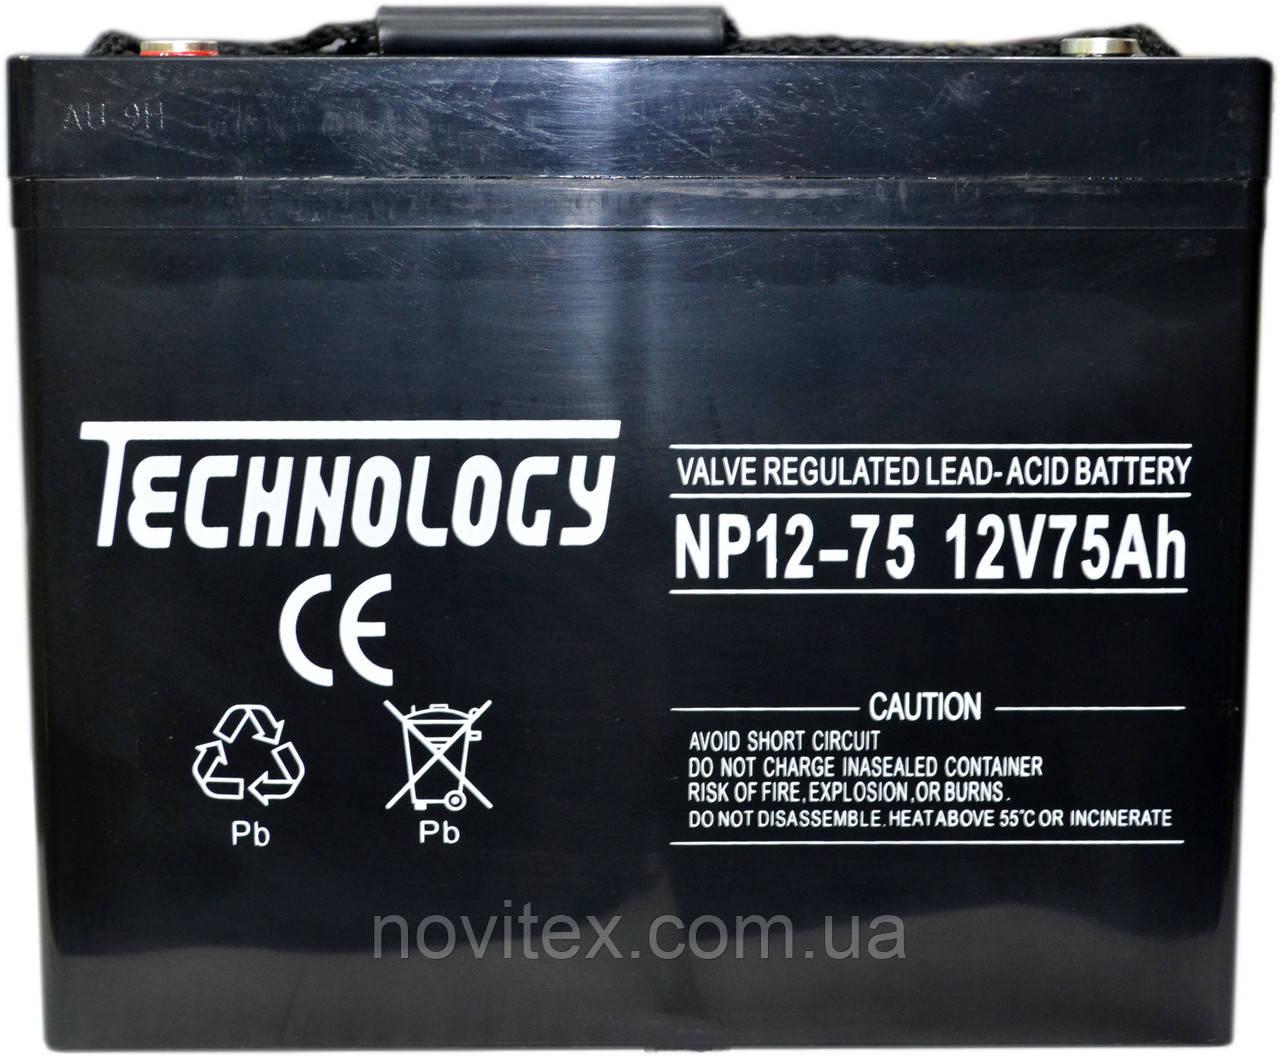 Аккумулятор мультигелевый TECHNOLOGY NP12-75Ah 12V 75AH